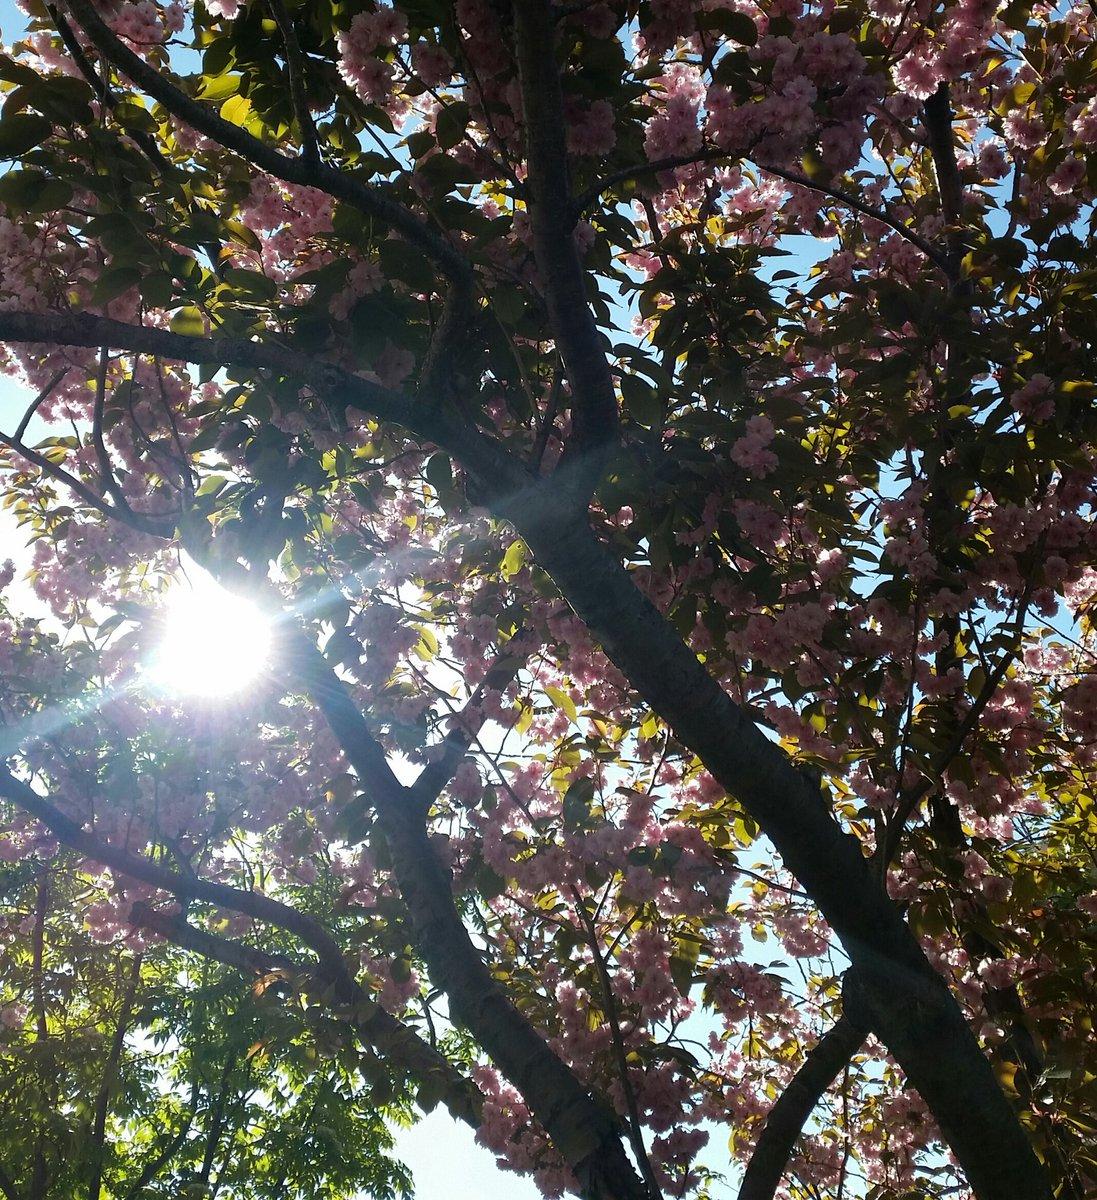 ?沿道の桜が綺麗ですねいま私は職替えの真っ最中!パート勤務をこなしつつ、転職準備に追われてます。自身をスキルUPして家族を養い、好きなことも出来るように上を目指して頑張ってます。という訳で、本格的な活動再開は先ですが、気長にお付き合いくださると嬉しいです。皆様どうぞよろしくね♪